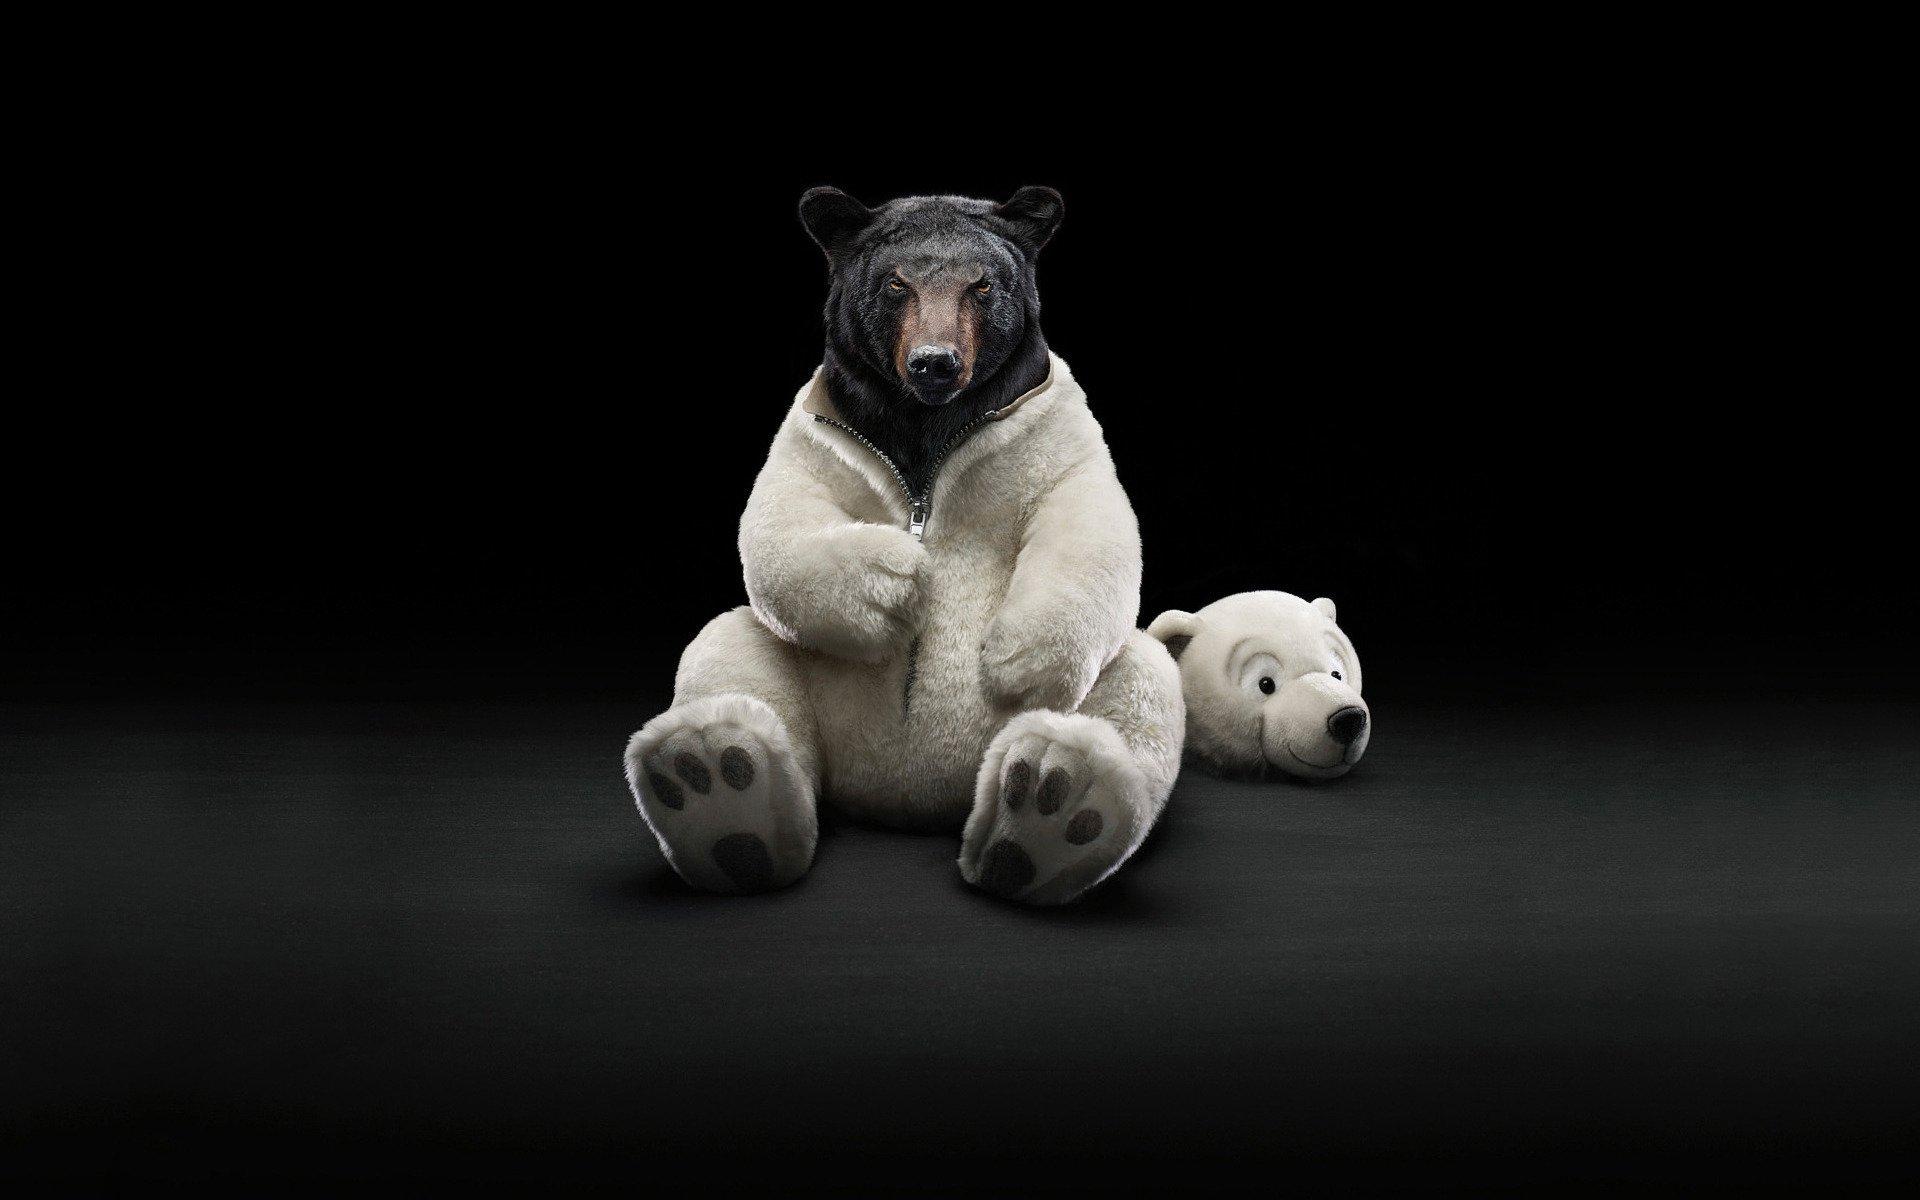 бы, картинка бурый медведь в костюме белого построить